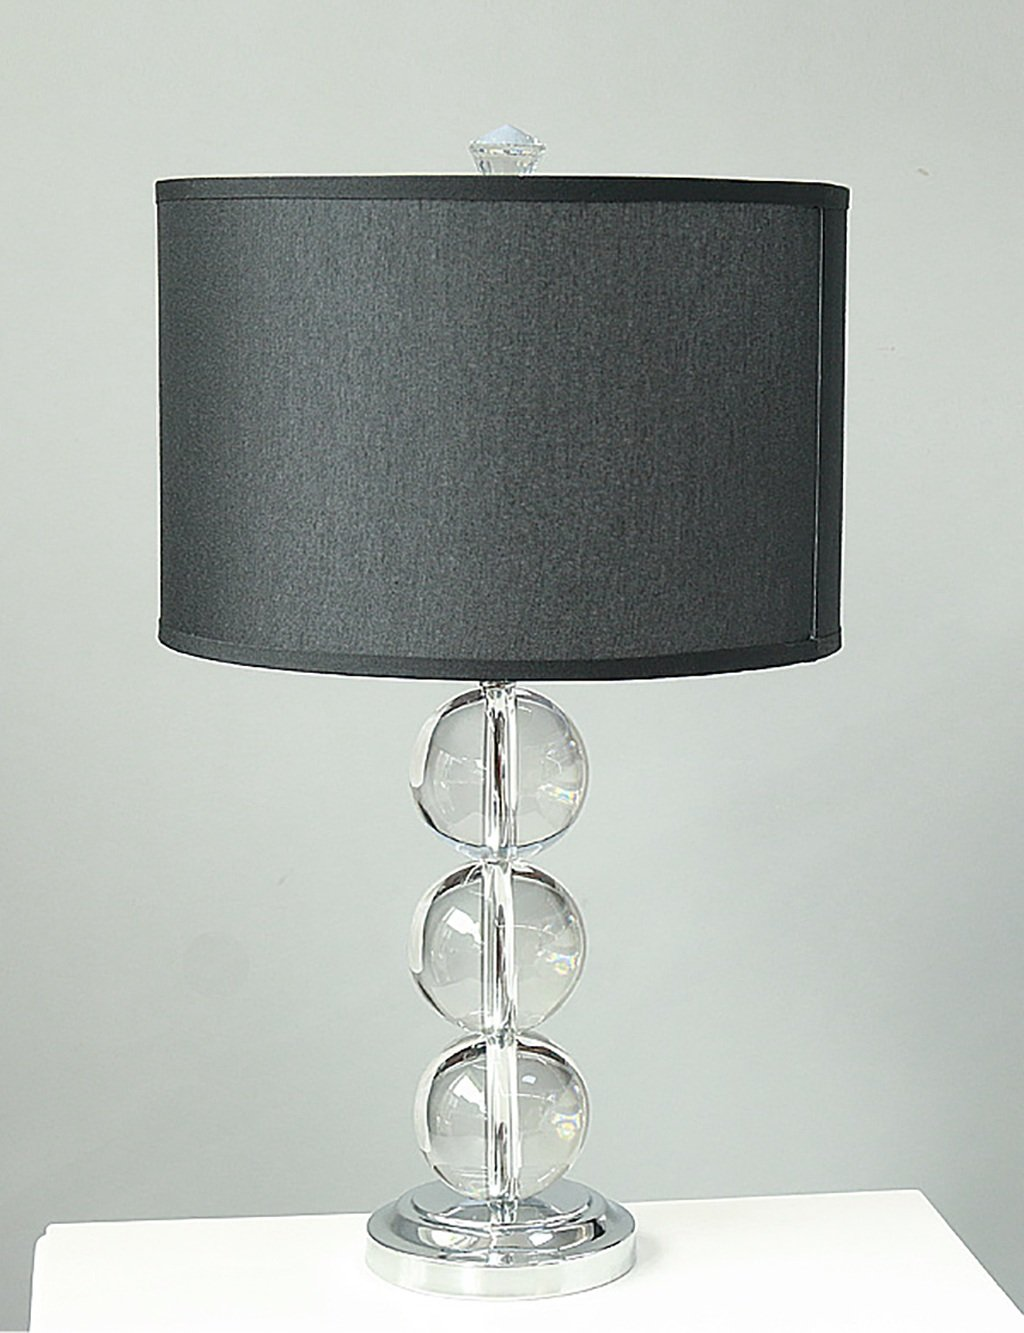 Einfache moderne Nachttischlampe Kristalllampe Einfache Stoff Schlafzimmer Lampe Hotelzimmer Studie Tischlampe